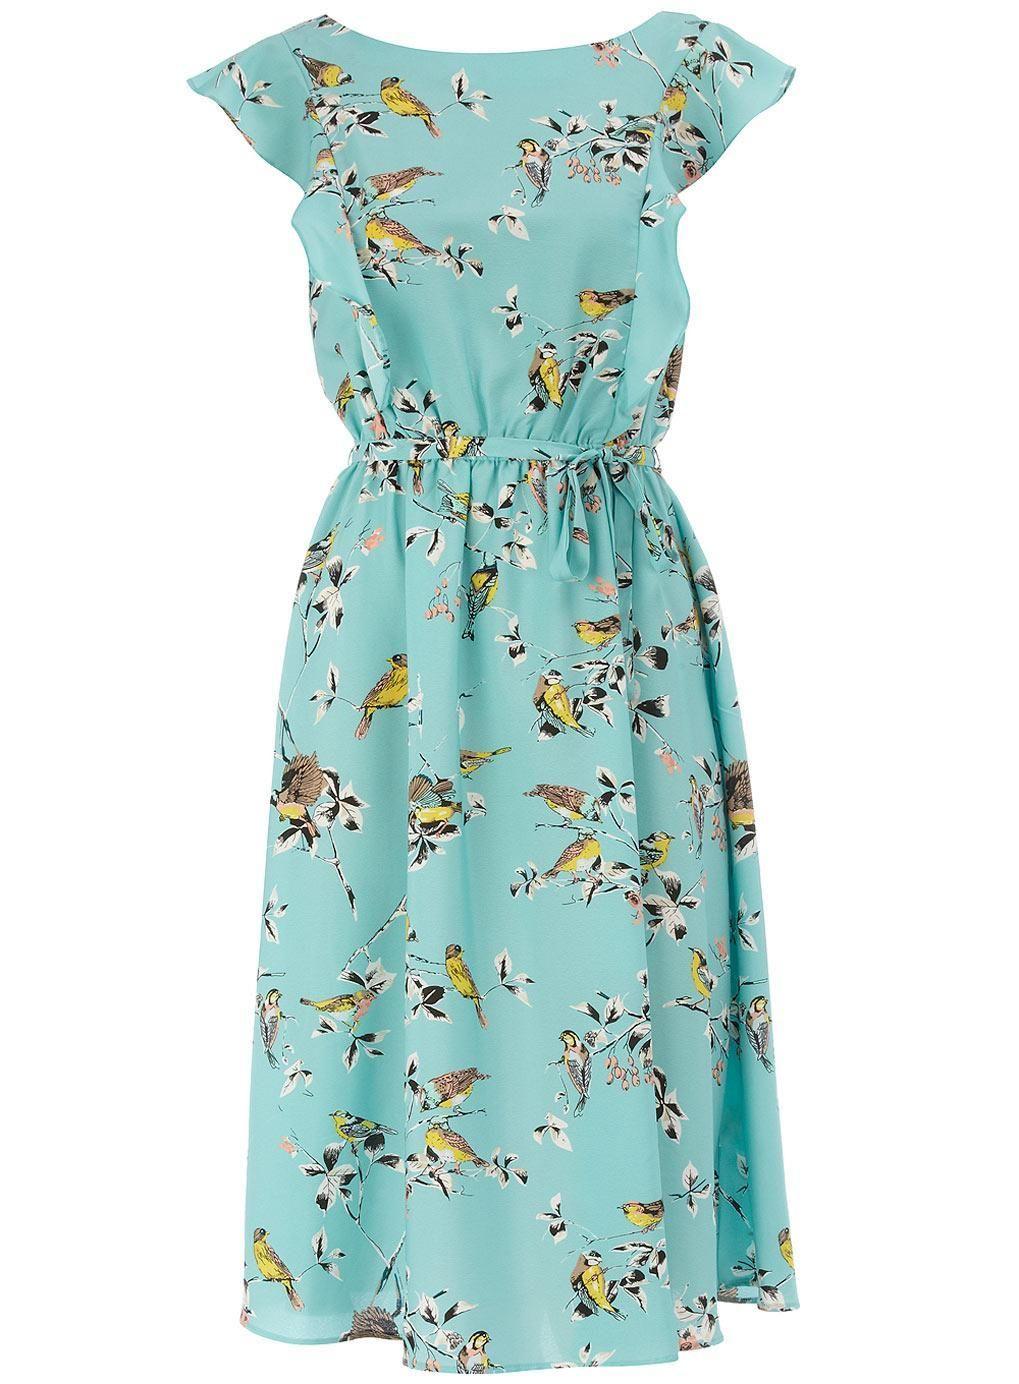 Dorothy Perkins Aqua Bird Tea Dress | Pretty Dresses I Would Wear If ...